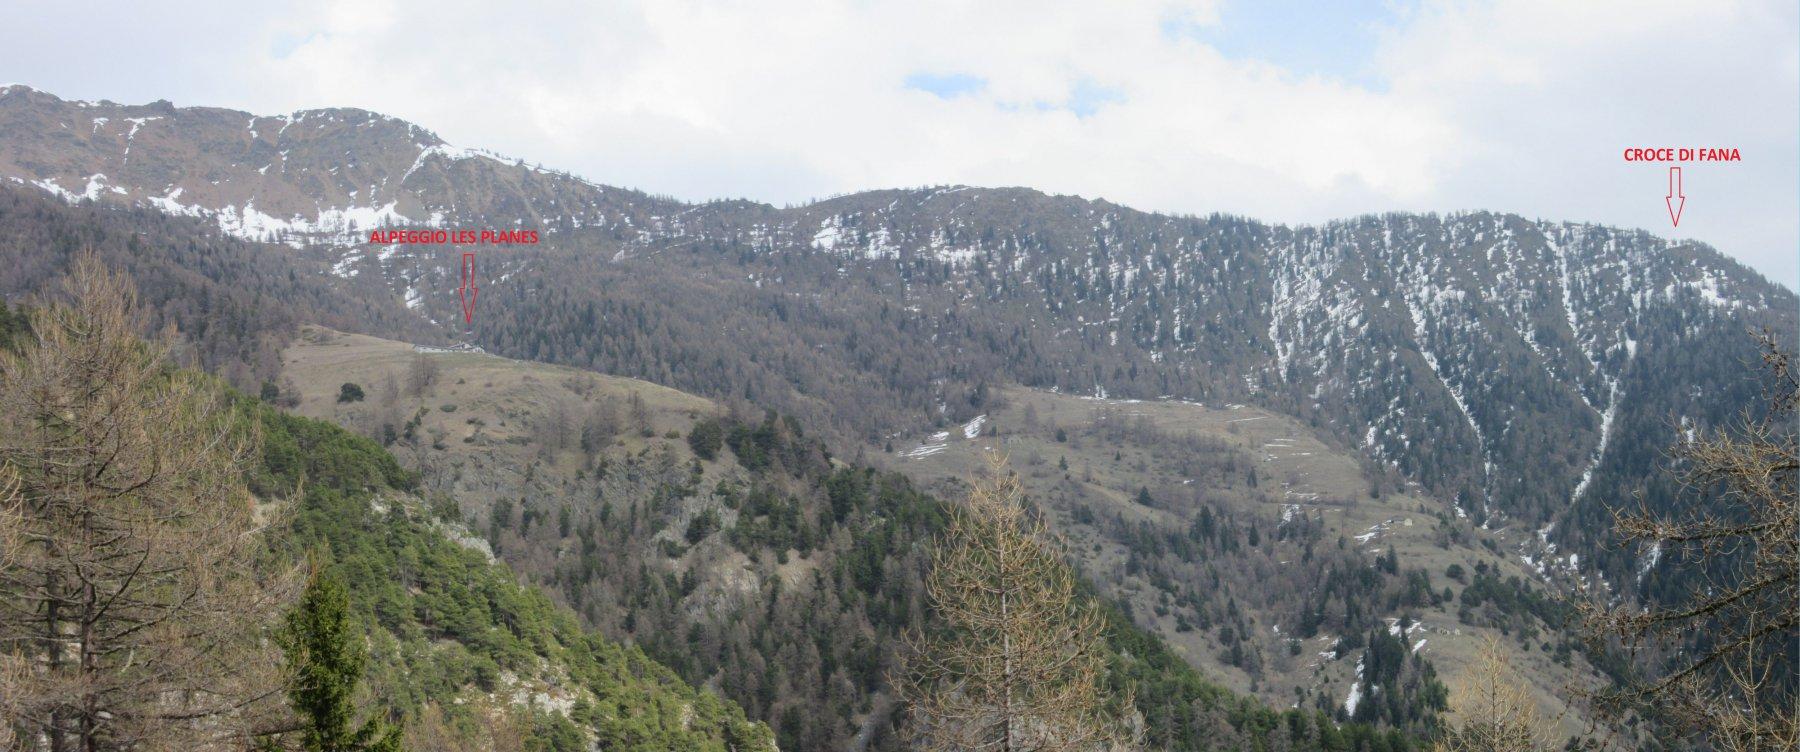 Panorama sulla Croce di Fana e sull'Alpeggio dove si trova